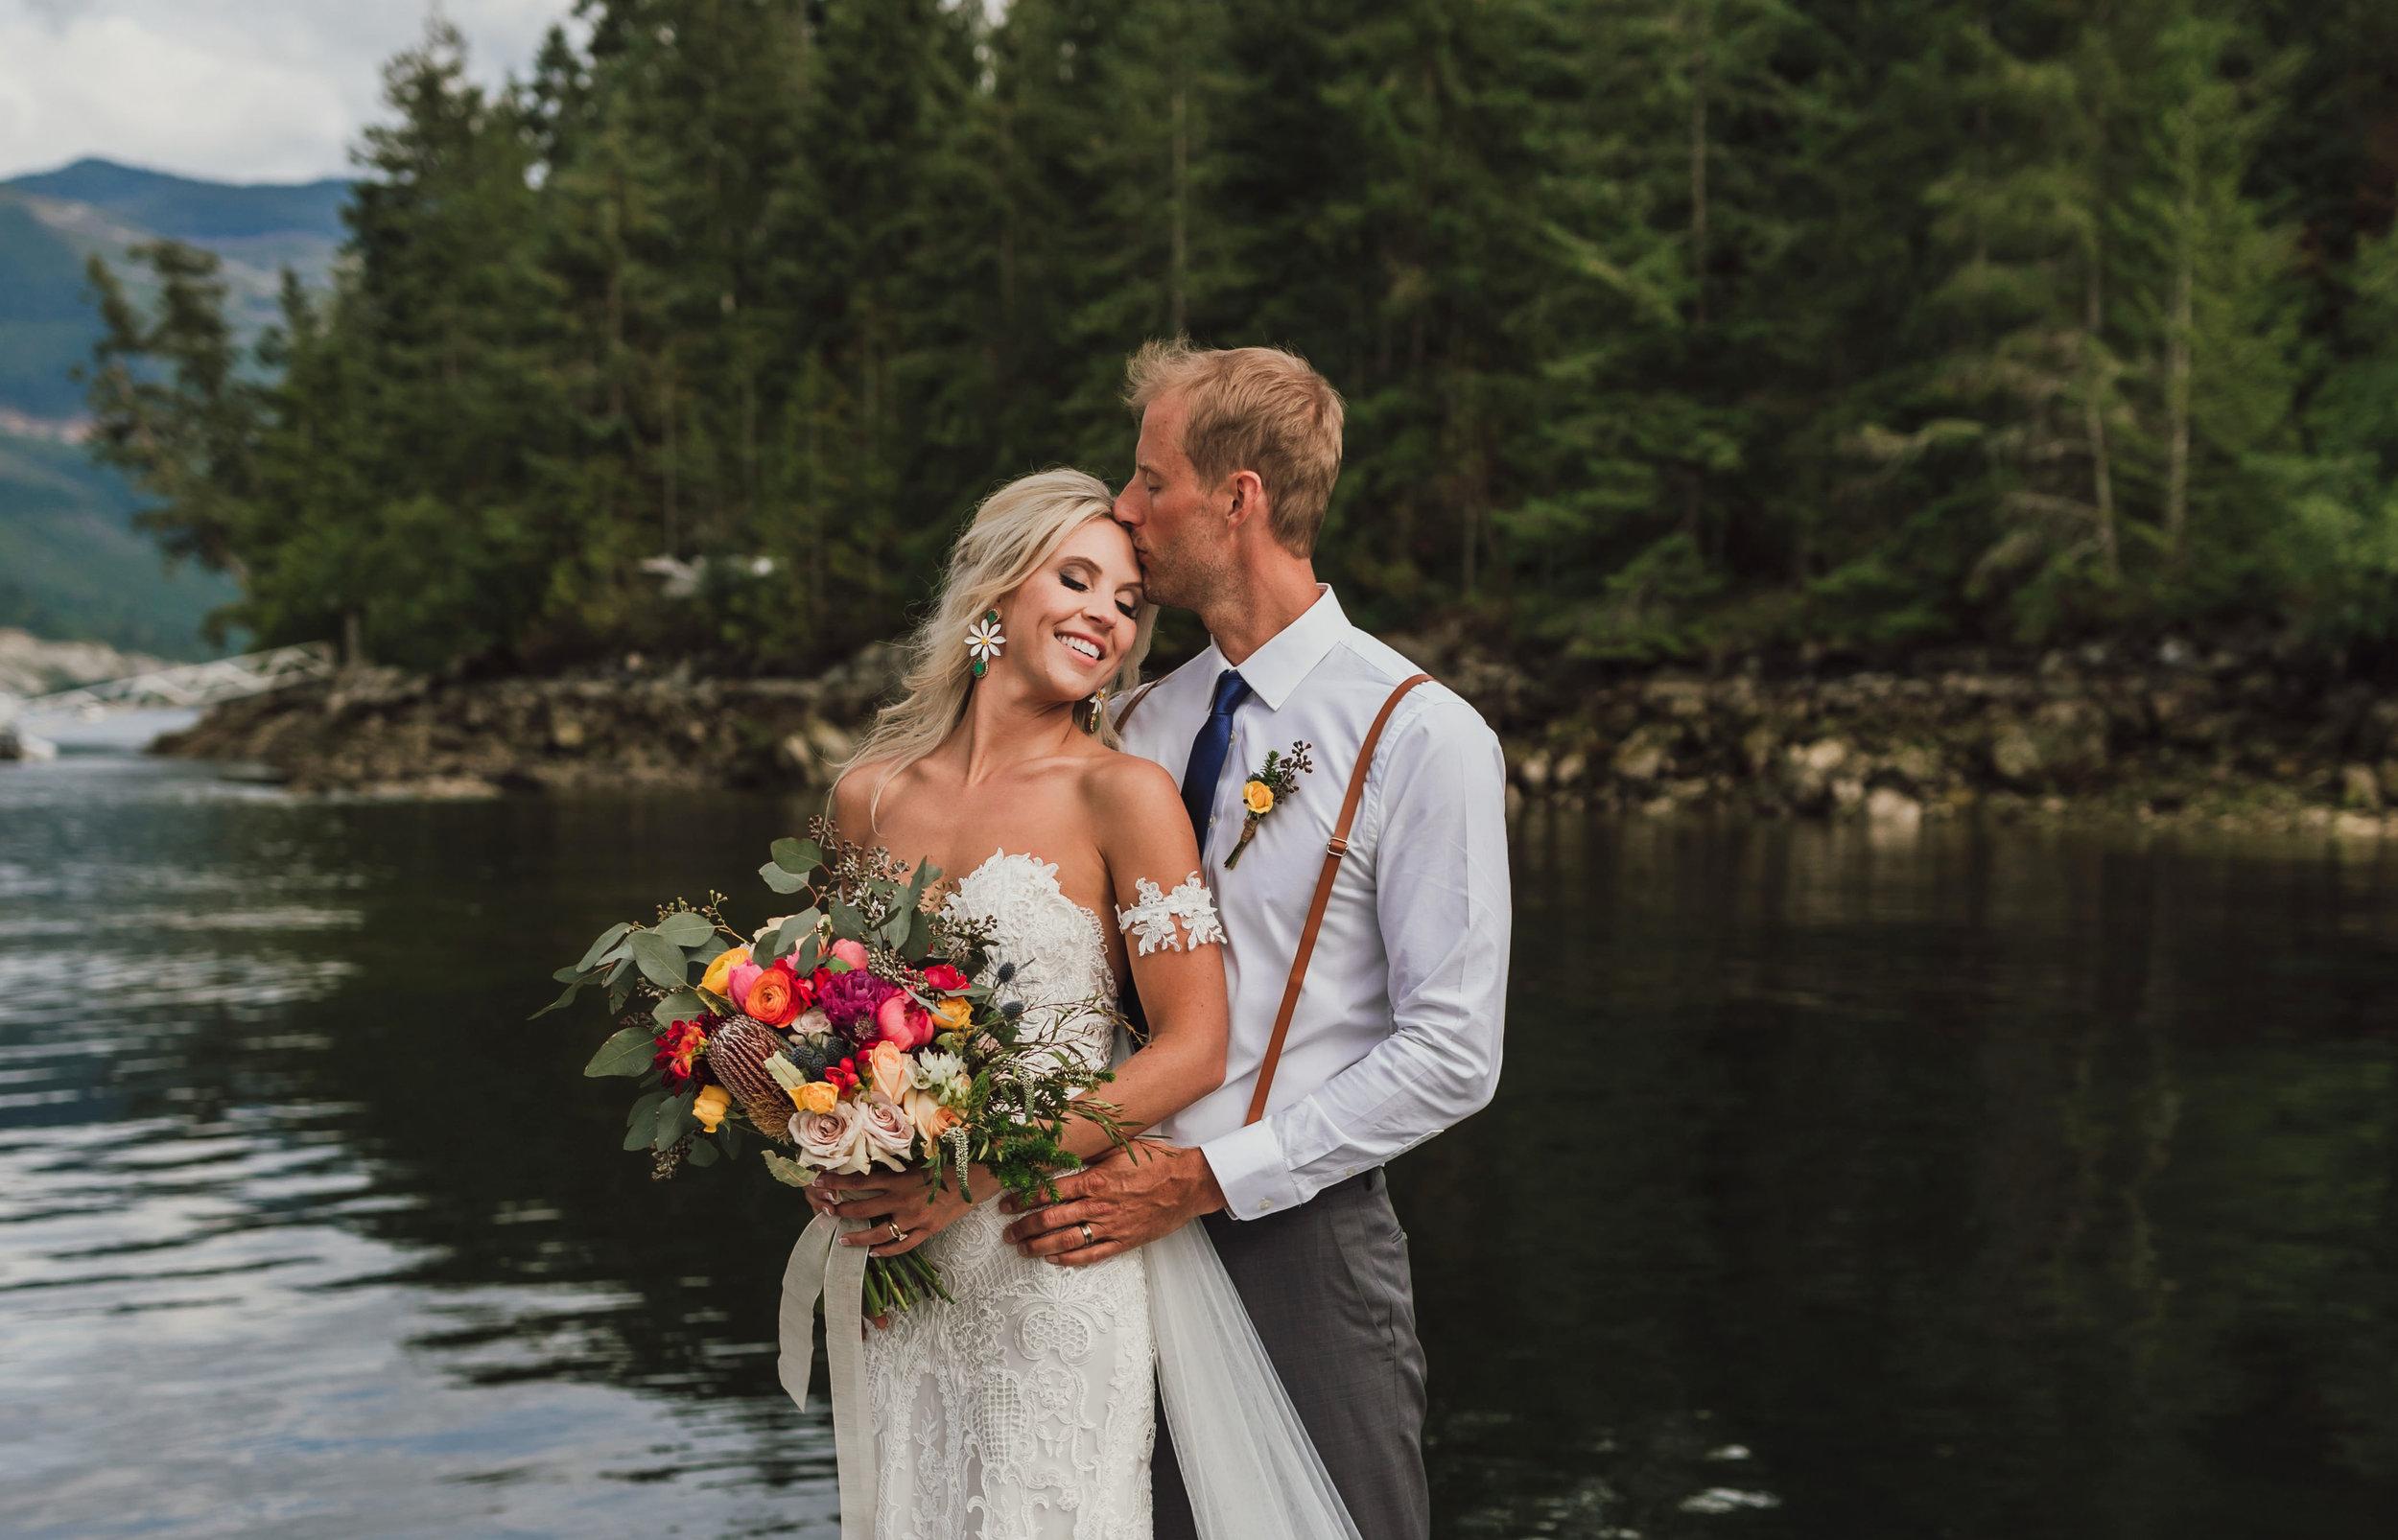 West Coast Wilderness Lodge Wedding Photos - Boho Wedding - Sunshine Coast BC Wedding Photographer -Vancouver Wedding Photographer - Jennifer Picard Photography - WEBSITE.jpg